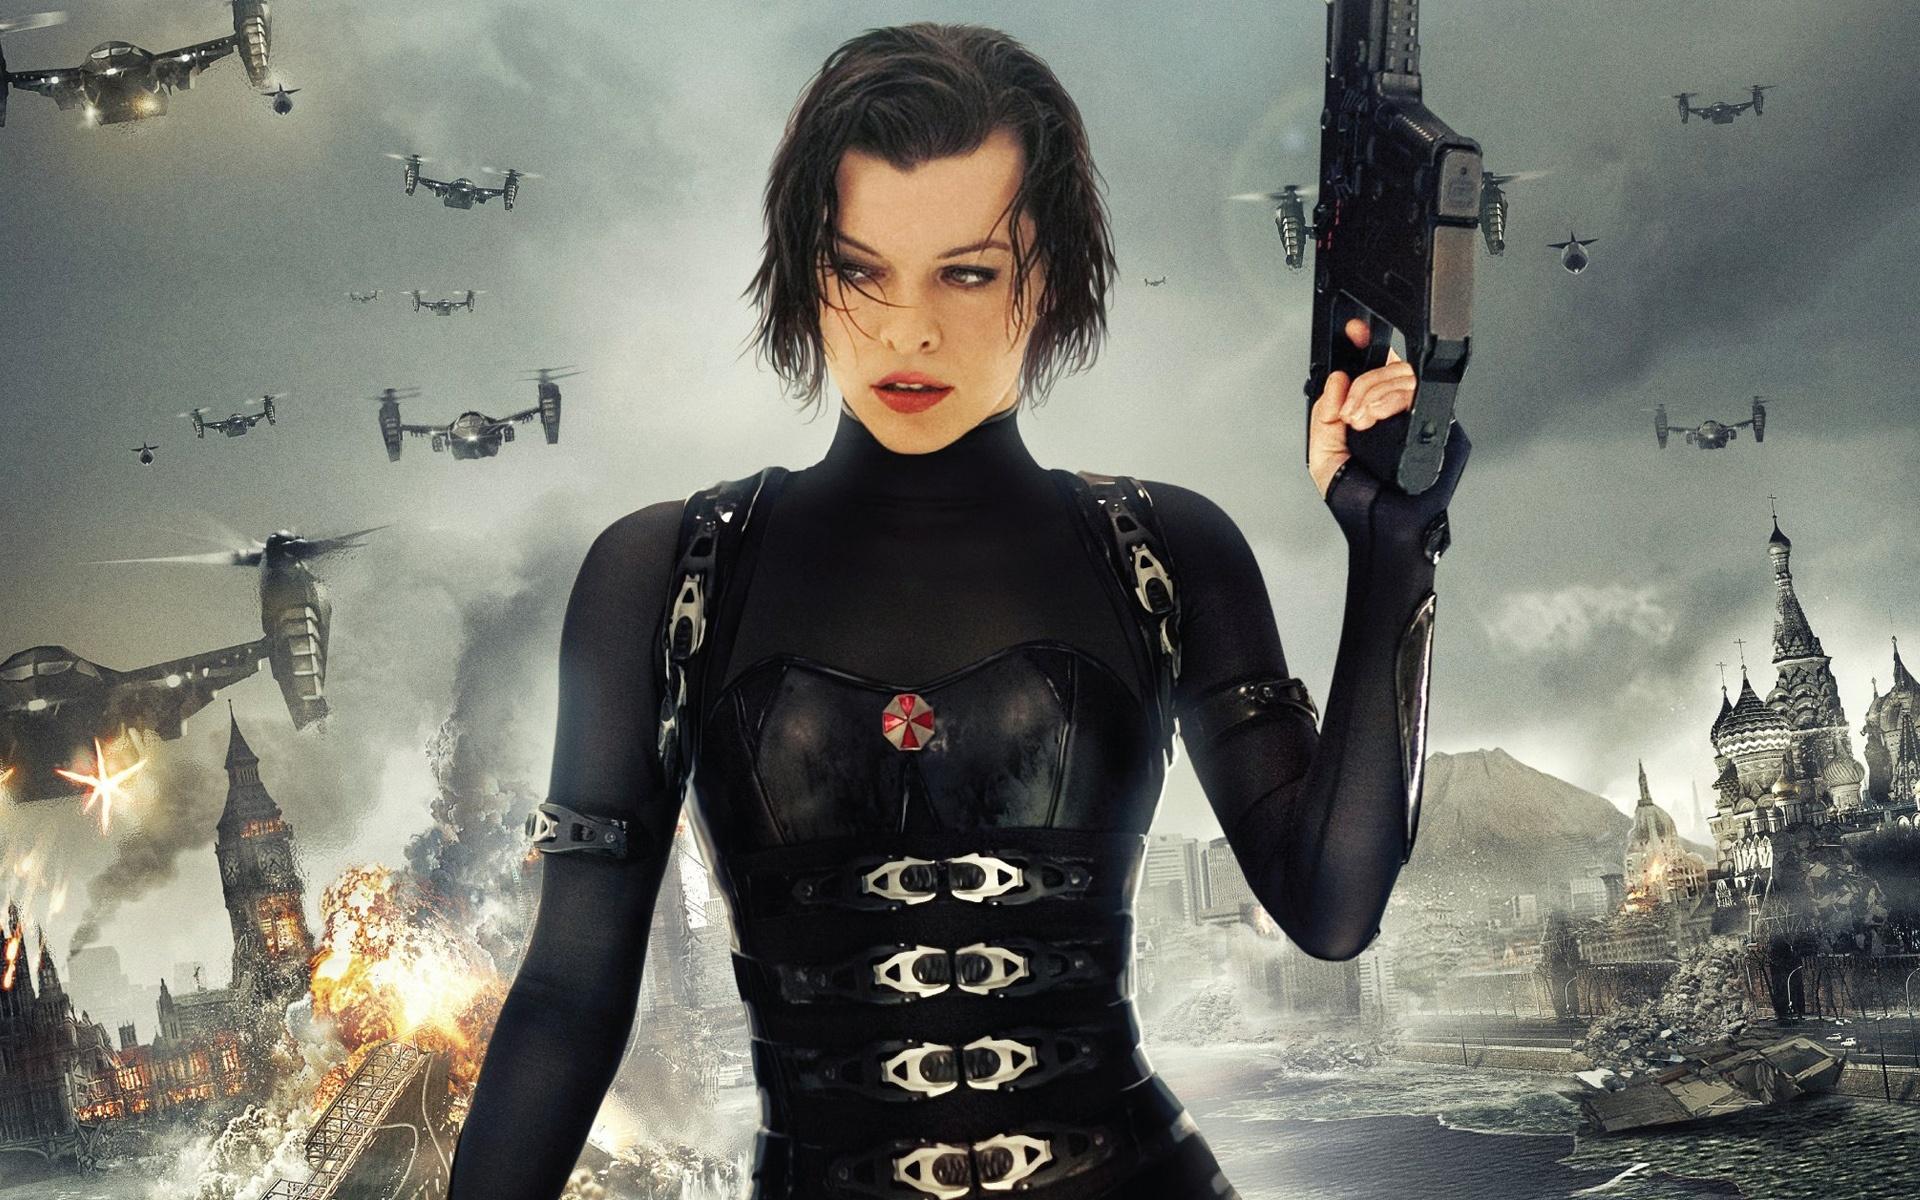 Wallpaper 2012 Movie Resident Evil 5 Retribution Milla Jovovich